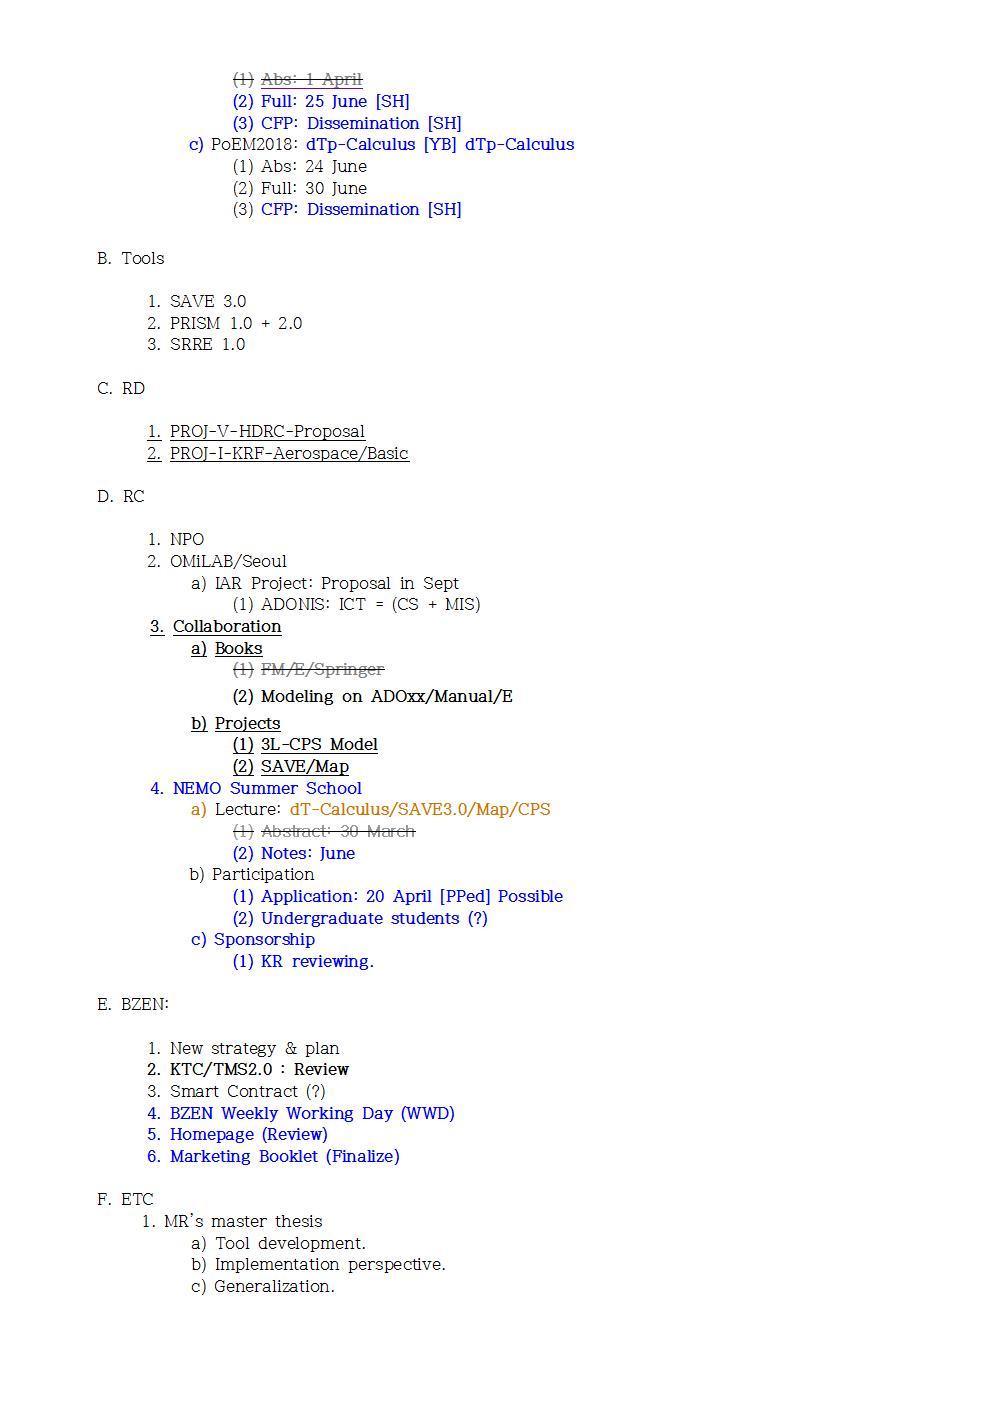 1-Mon-2018-05-14-PLAN-MK-Agenda002.jpg